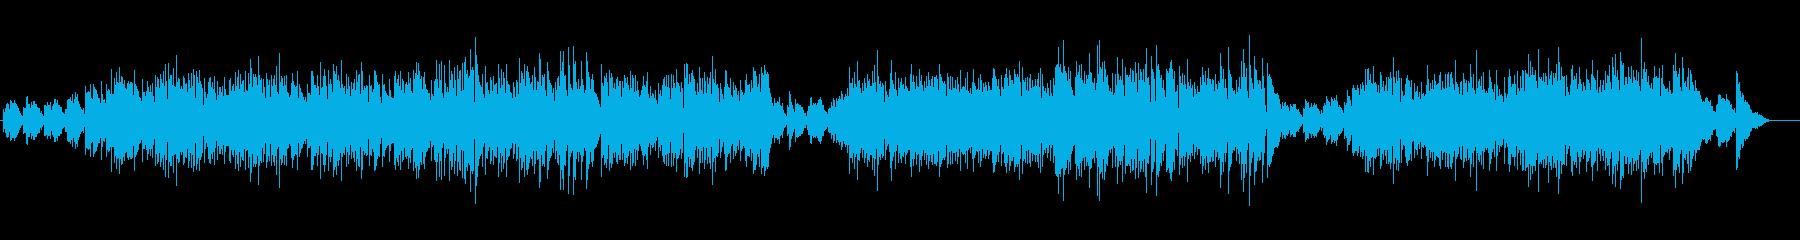 しっとりしなやかポップなピアニズムの再生済みの波形